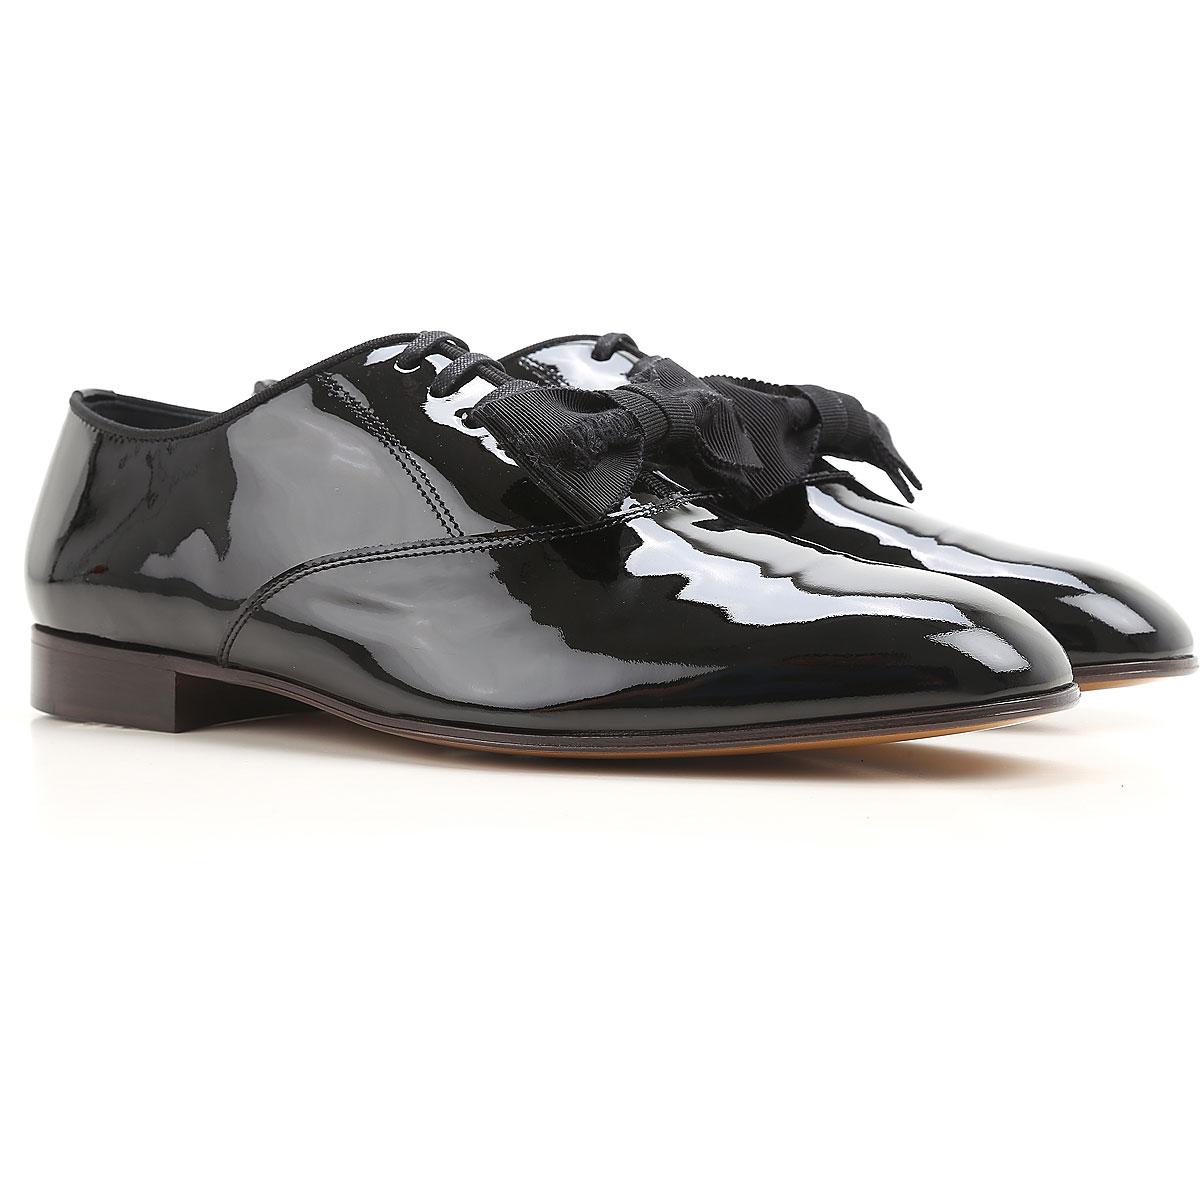 Vivienne Westwood Chaussure à Lacets Homme, Oxfords, Derbies et Richelieu Pas cher en Soldes, Noir, Cuir Verni, 2017, 40 41 42 43